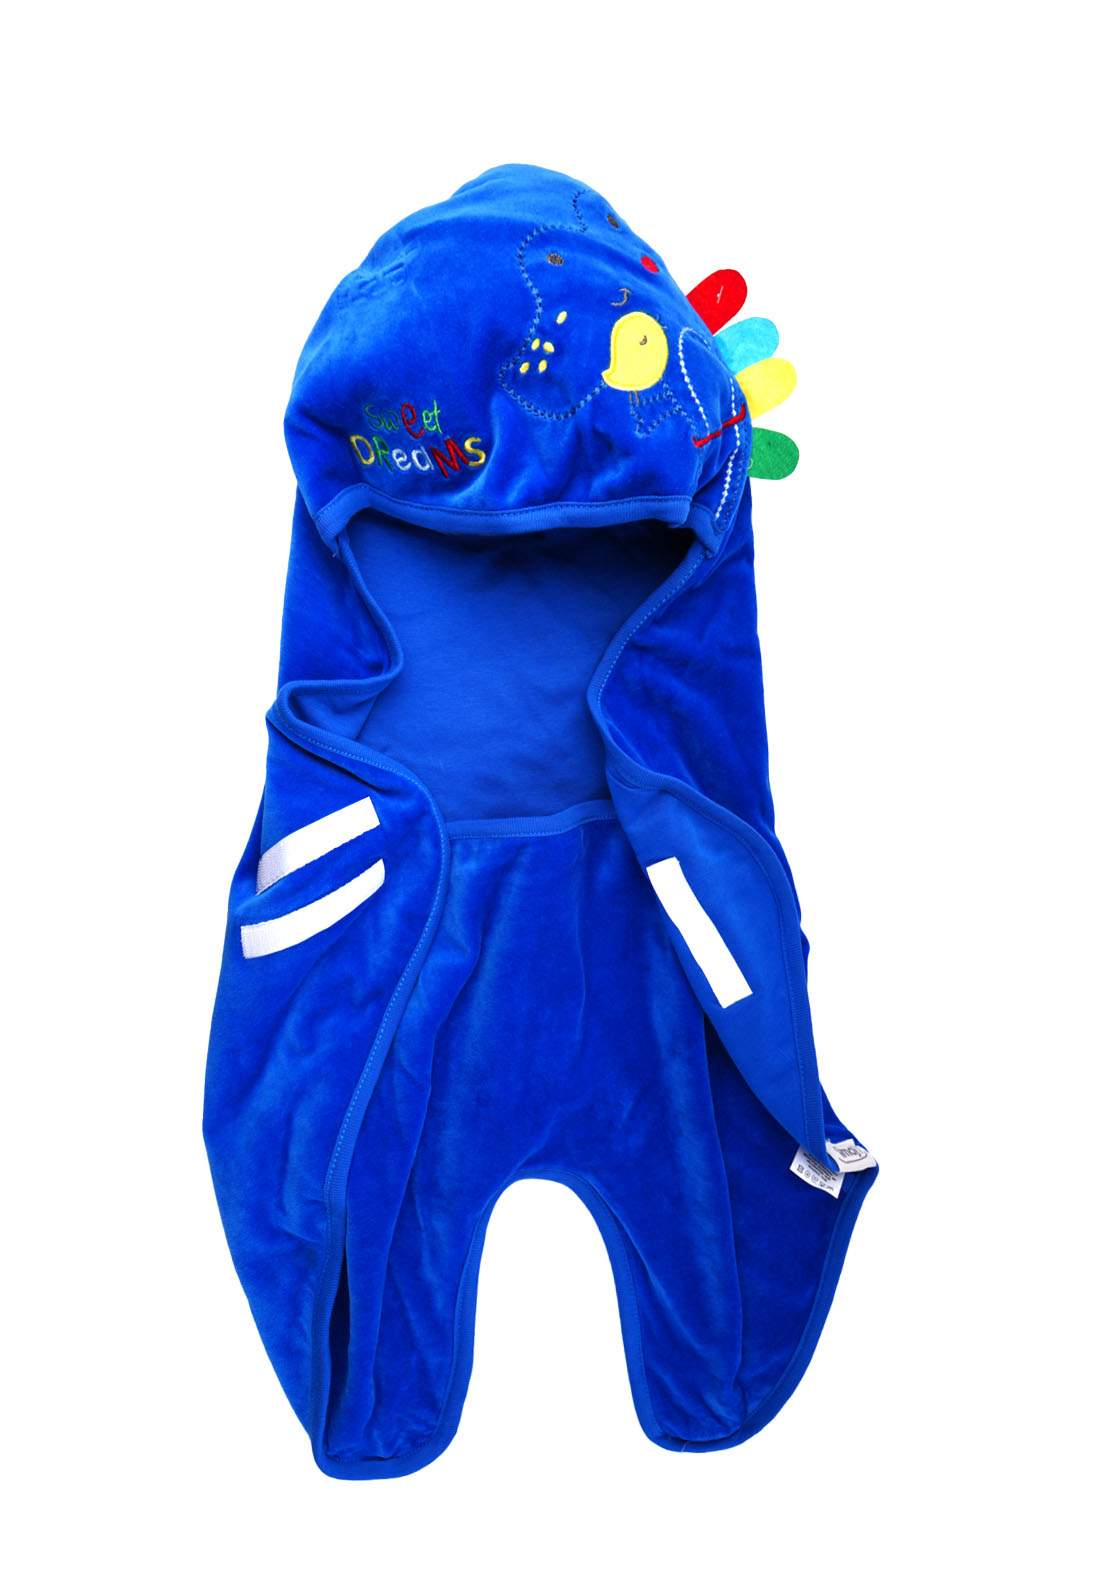 قماط اطفال حديثي الولادة ازرق اللون